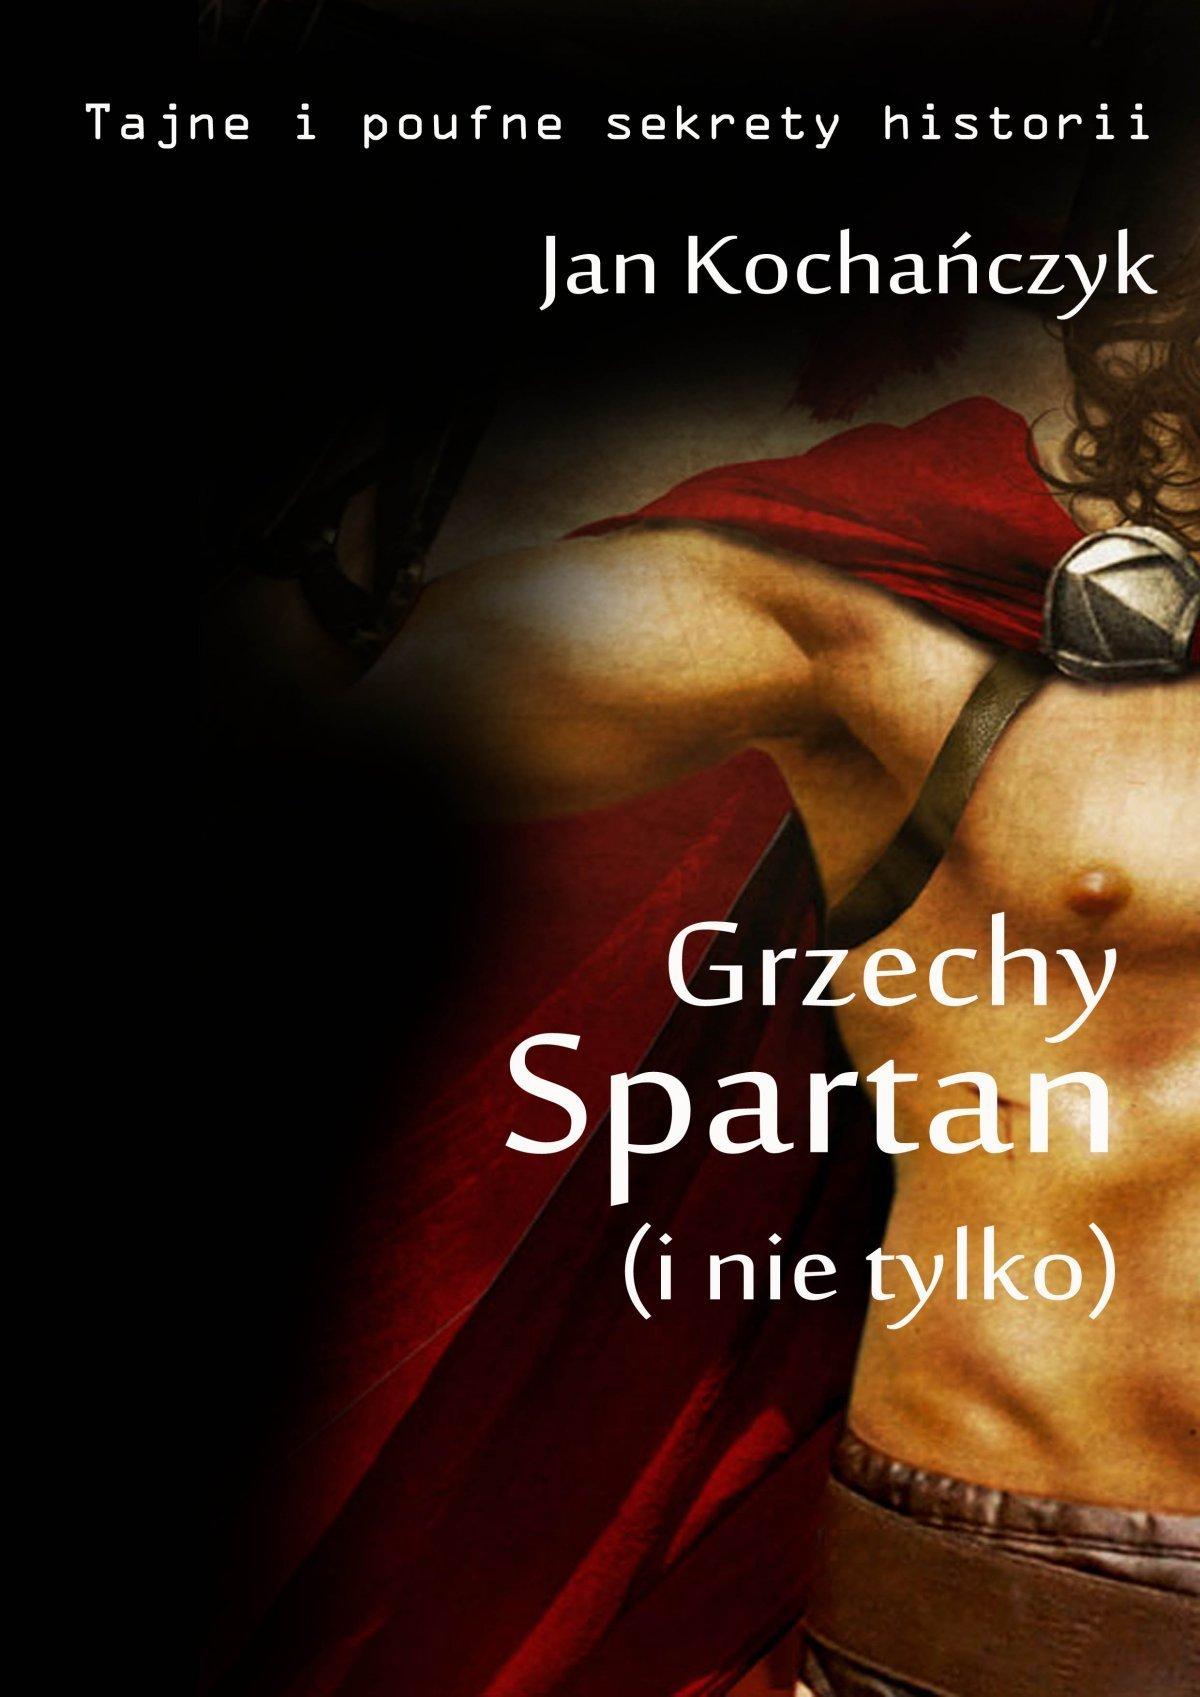 Grzechy Spartan (i nie tylko) - Ebook (Książka na Kindle) do pobrania w formacie MOBI